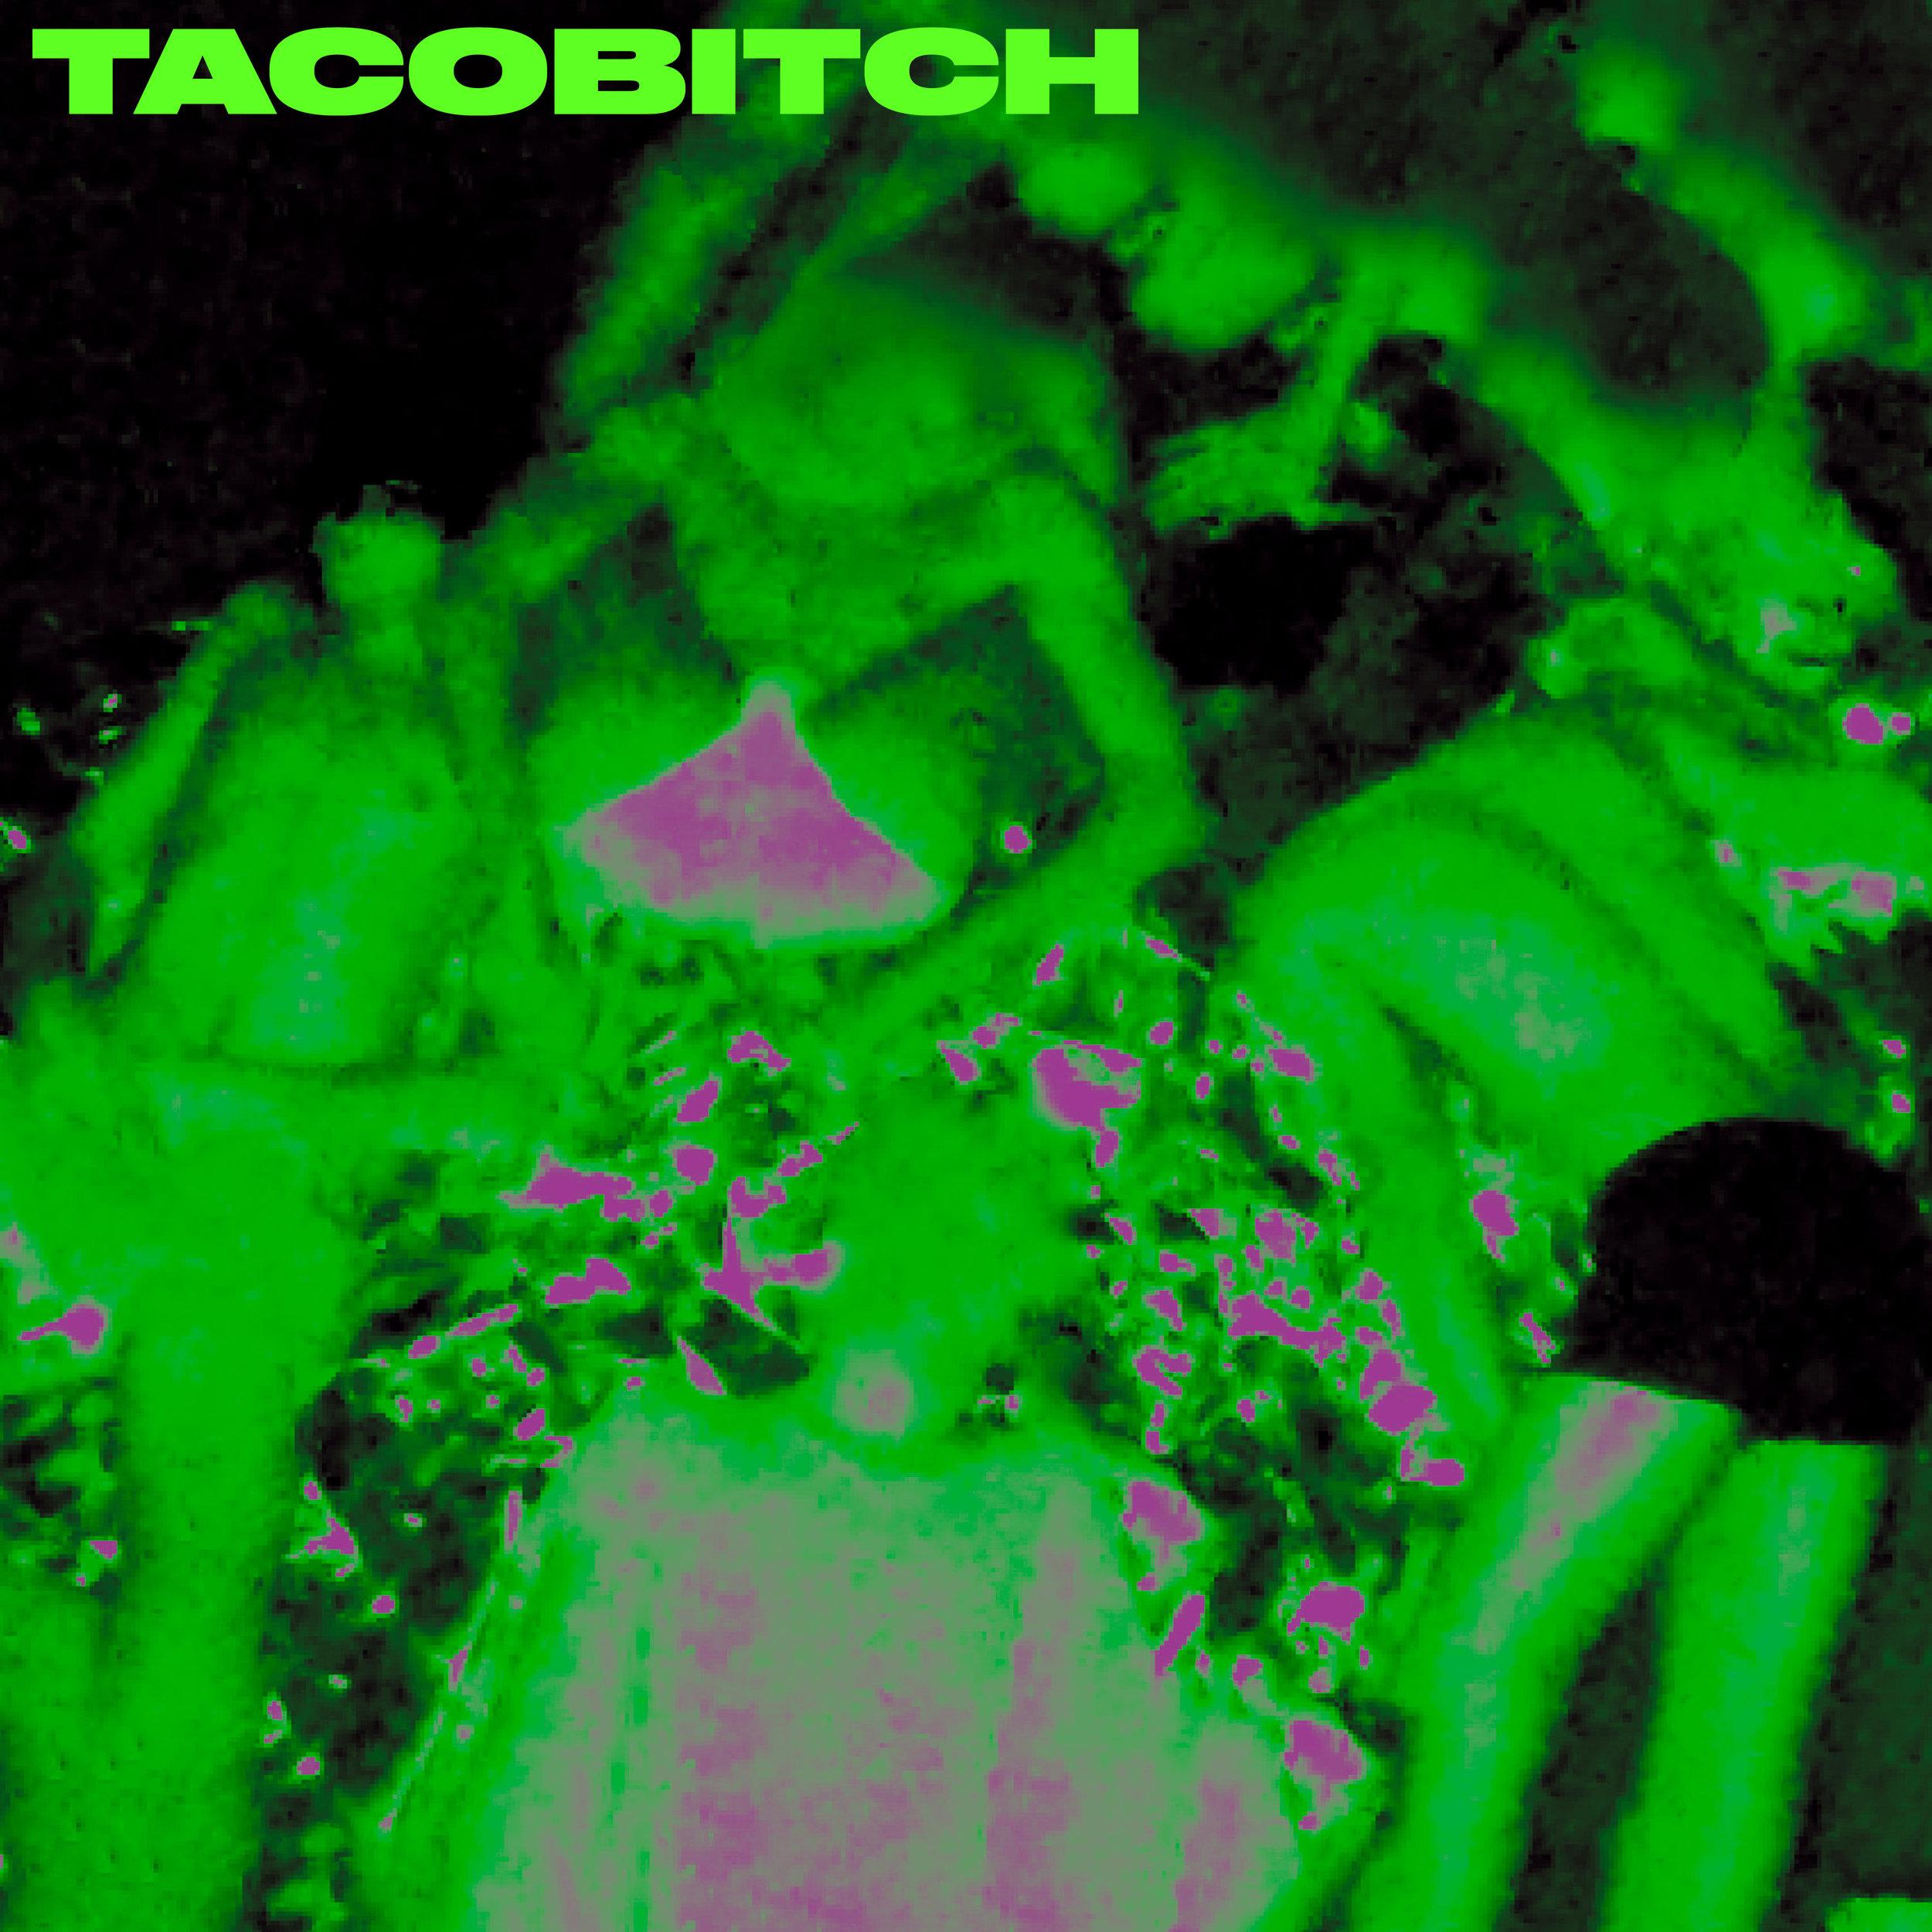 foto: Tacobitch